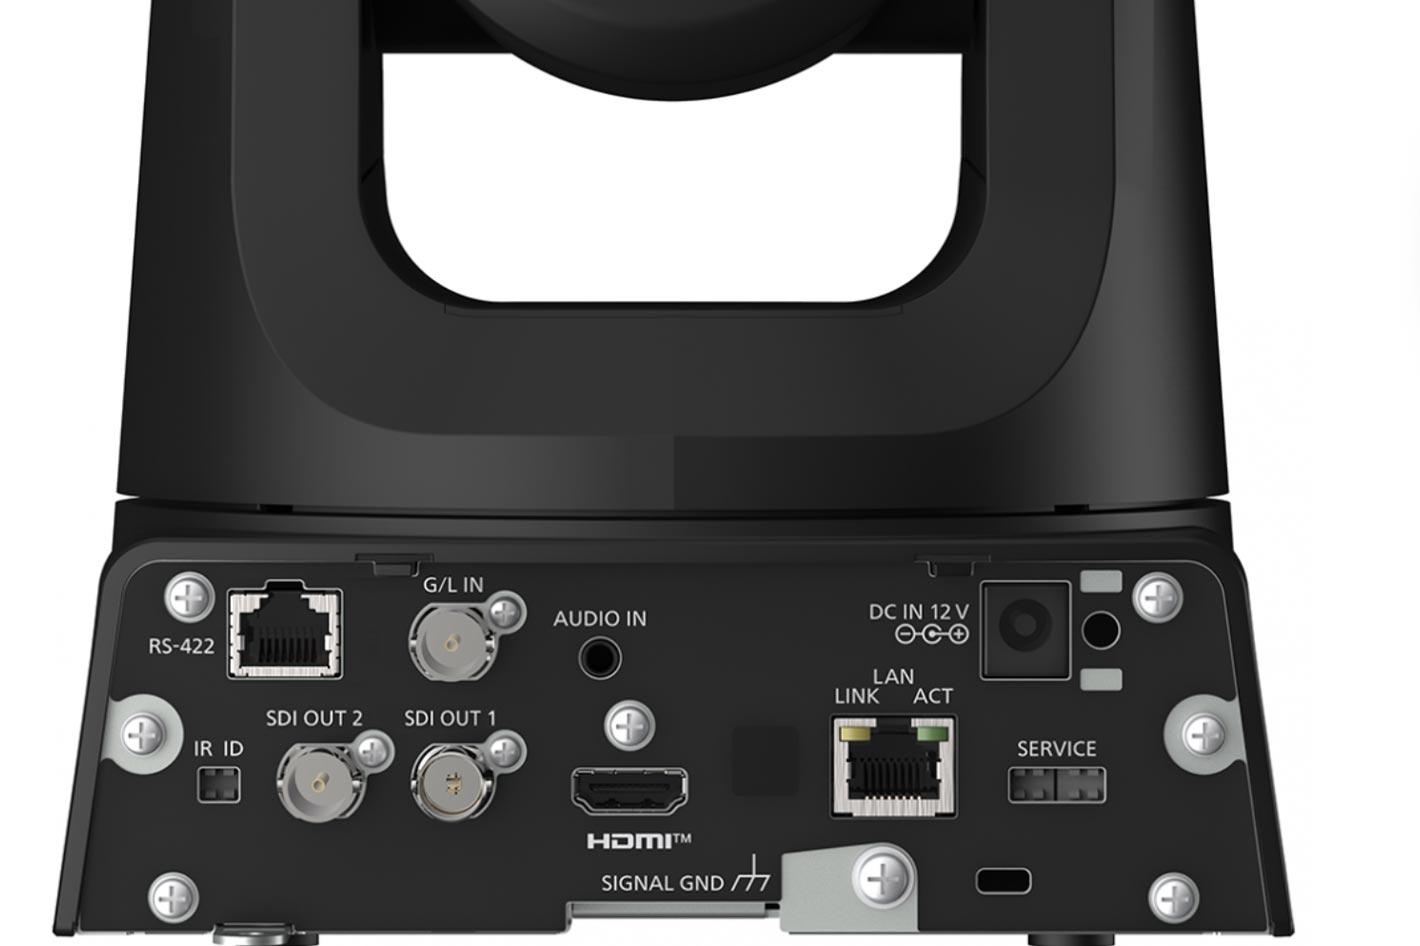 Panasonic AW-UE100 supports high-bandwidth NDI and SRT